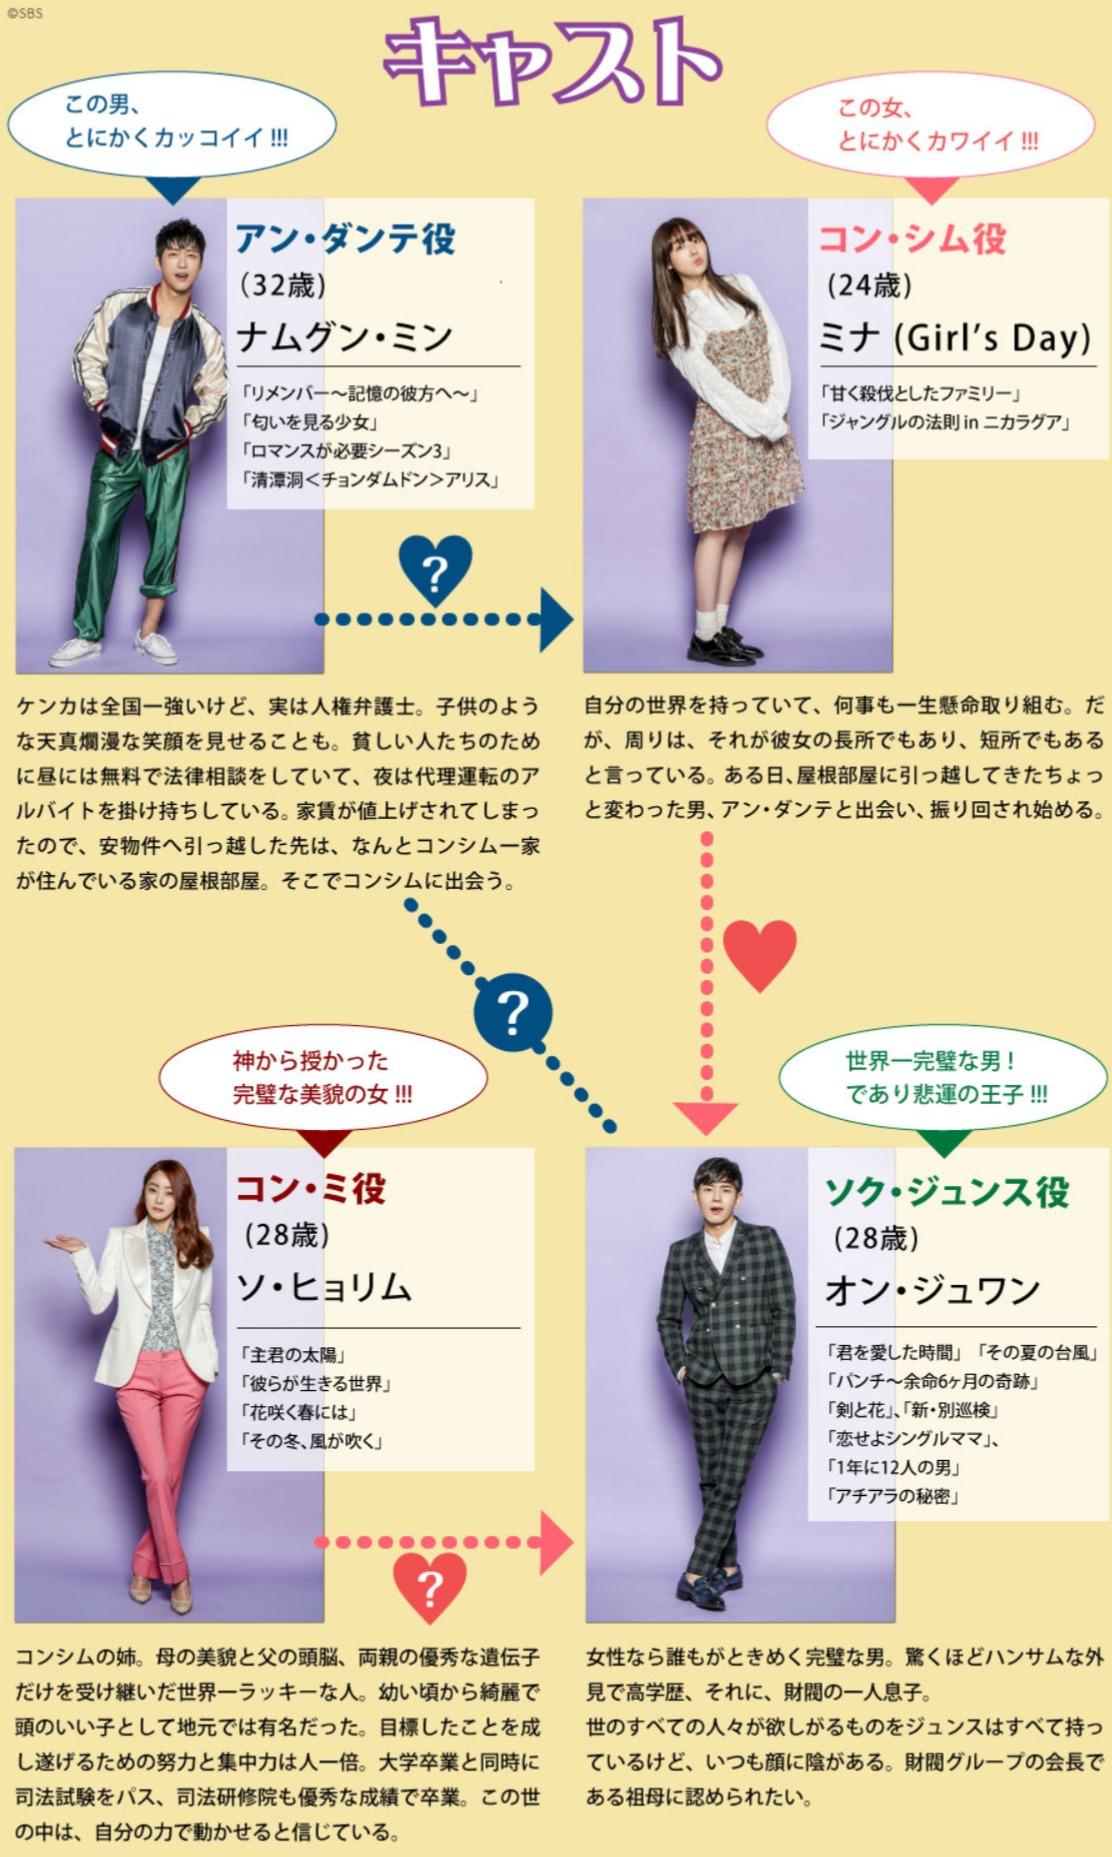 韓国ドラマ『野獣の美女コンシム』登場人物相関図(関係図)